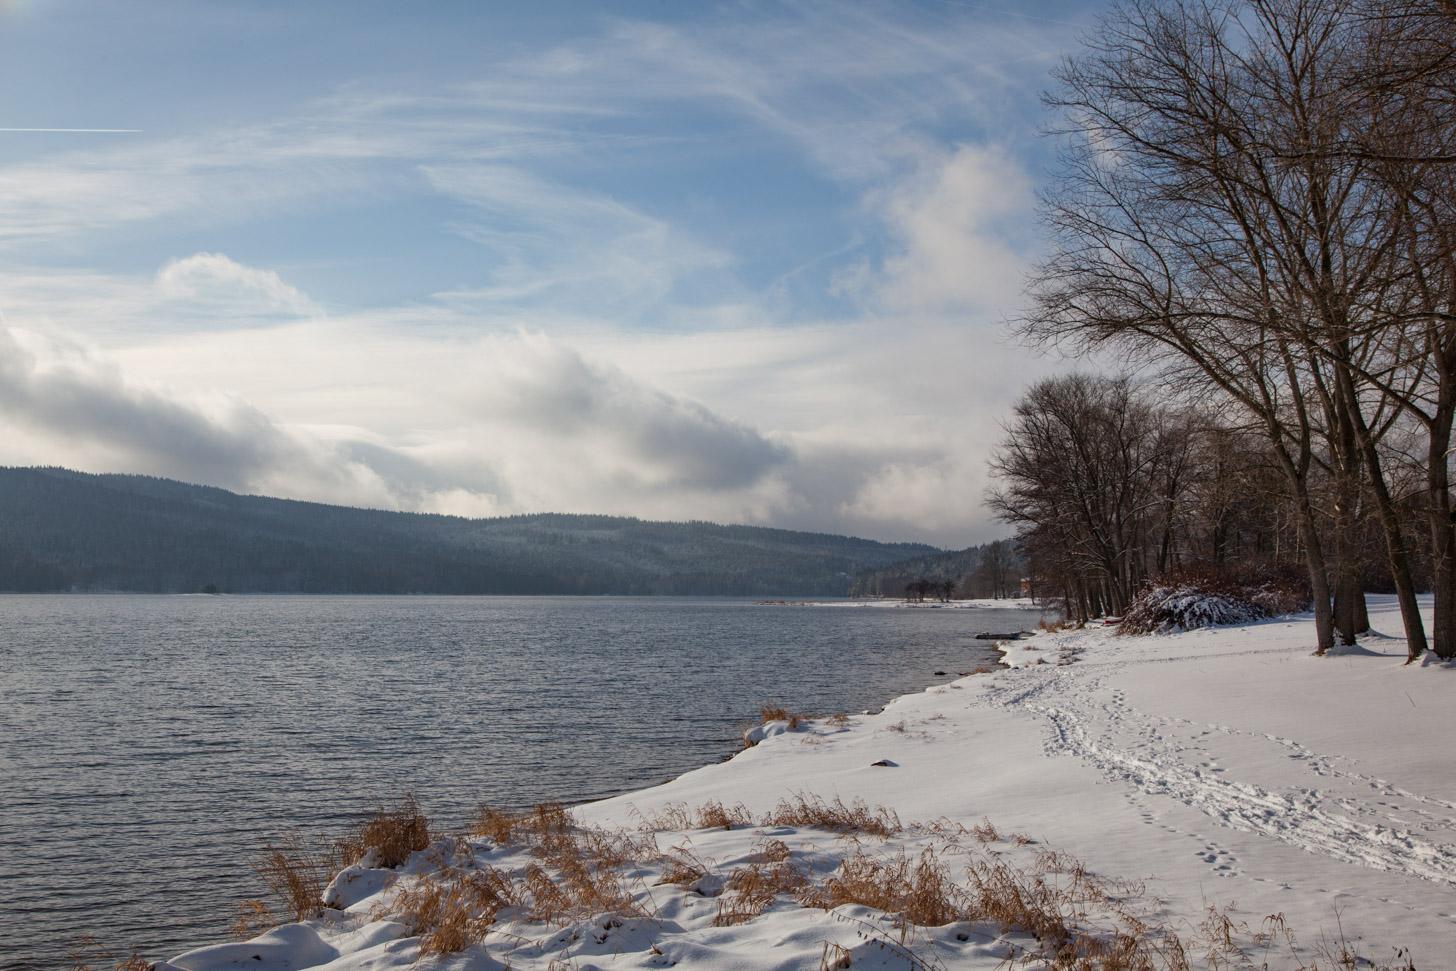 Winterse taferelen in Tsjechië: sneeuw en kou